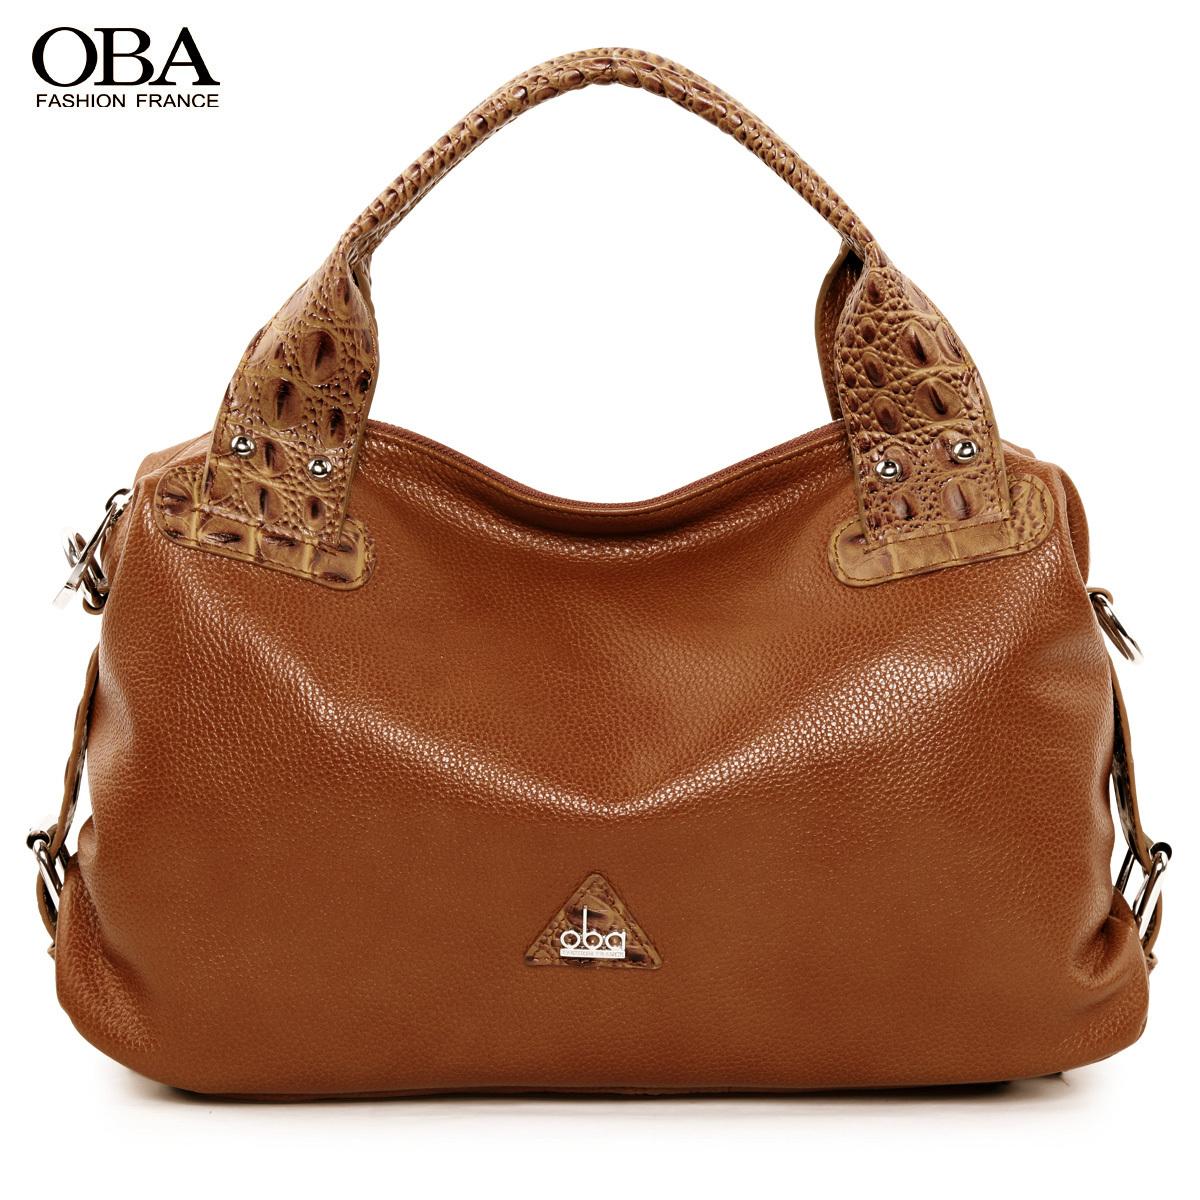 Сумка Oba 2155 OBA2012 Девушки Женская сумка Однотонный цвет Кожа быка